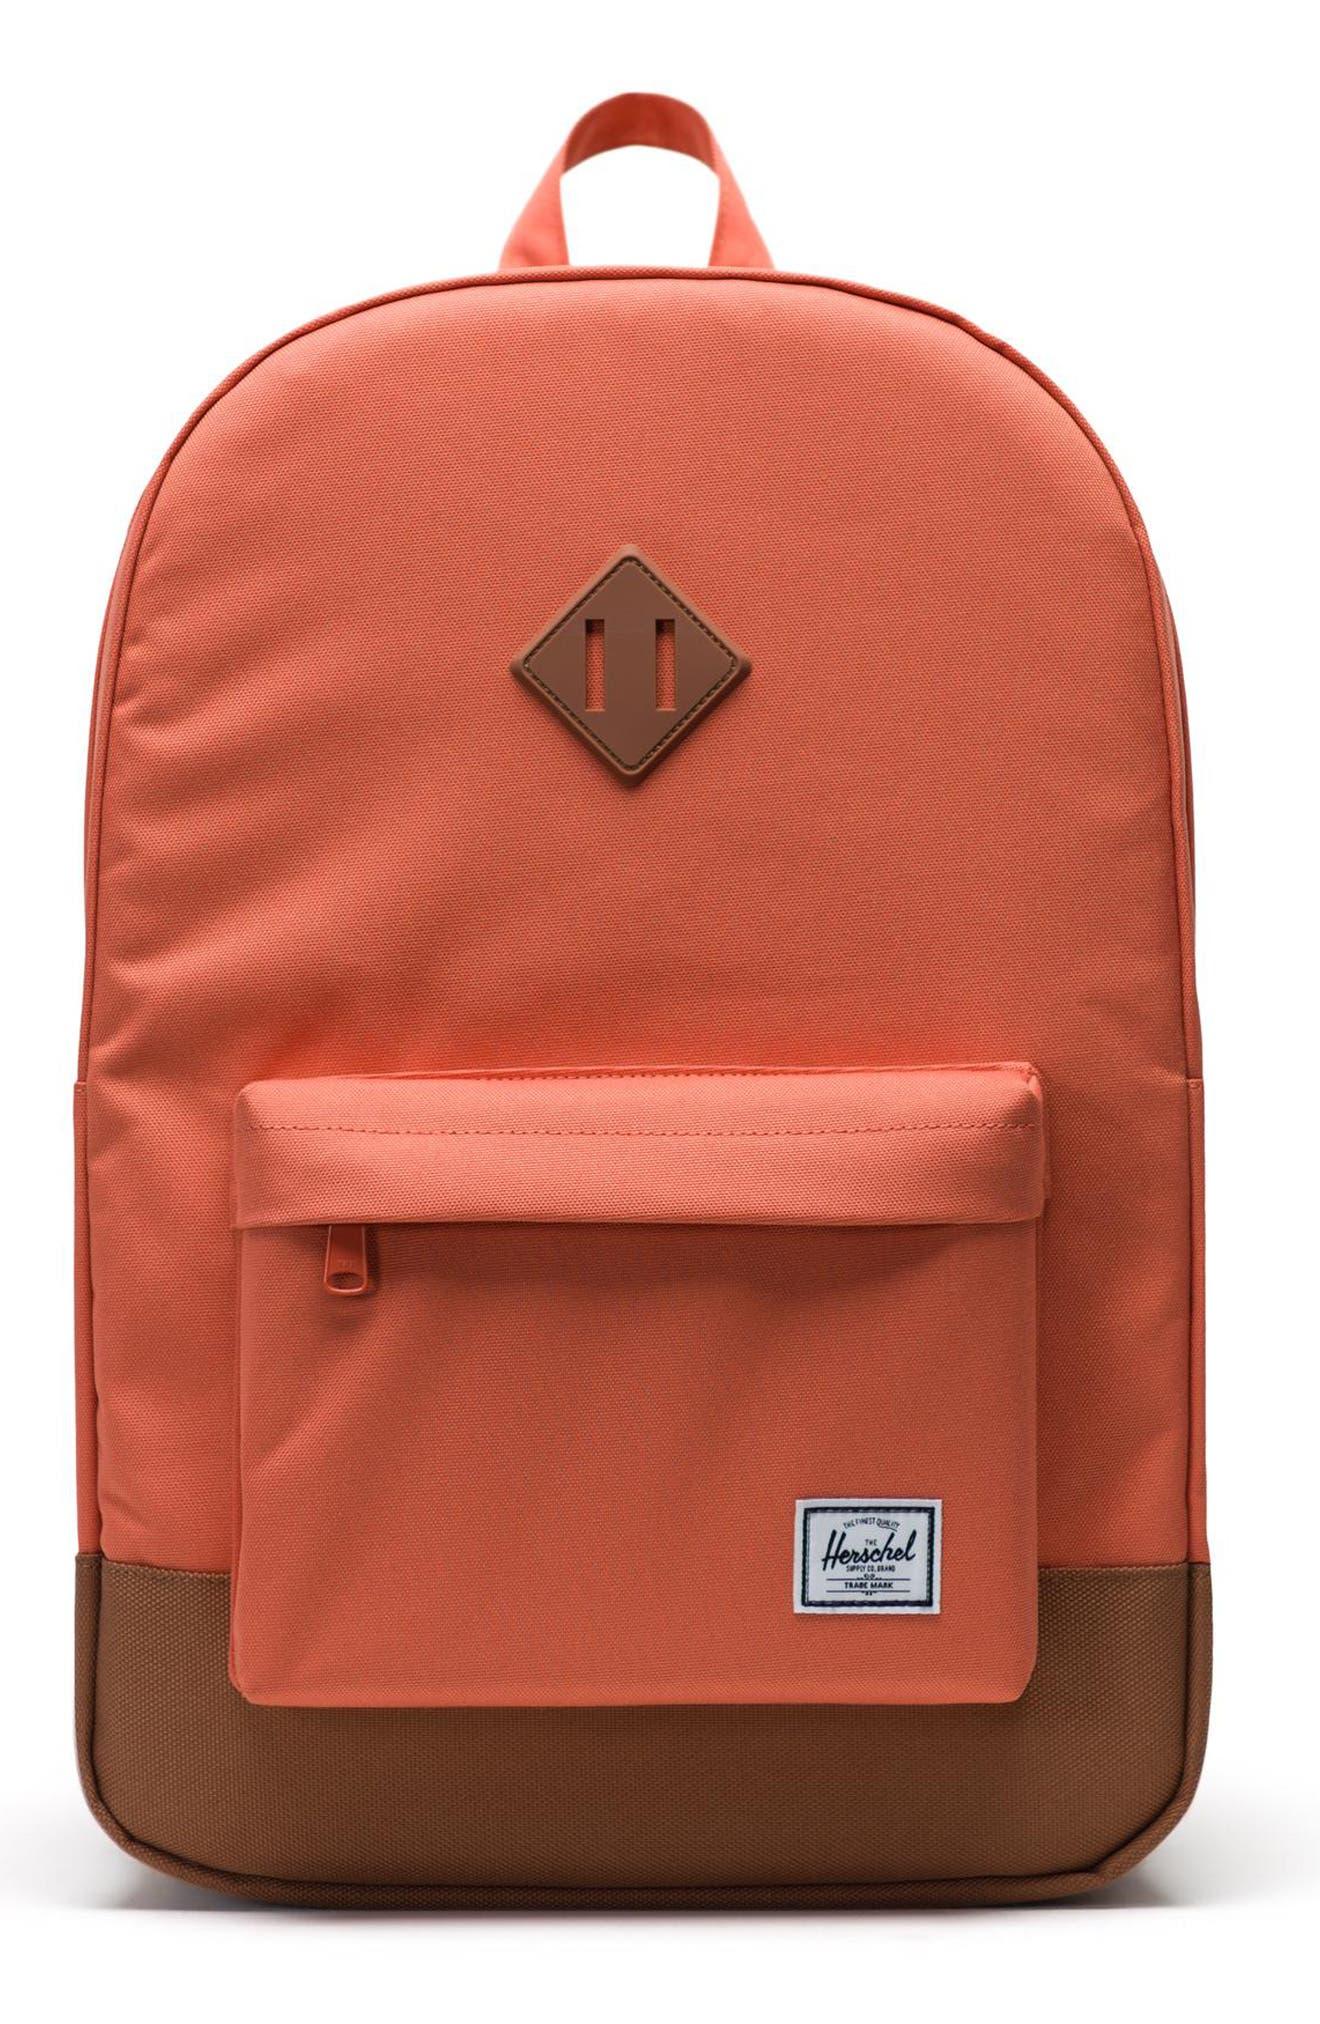 Herschel Supply Co. Heritage Backpack - Orange